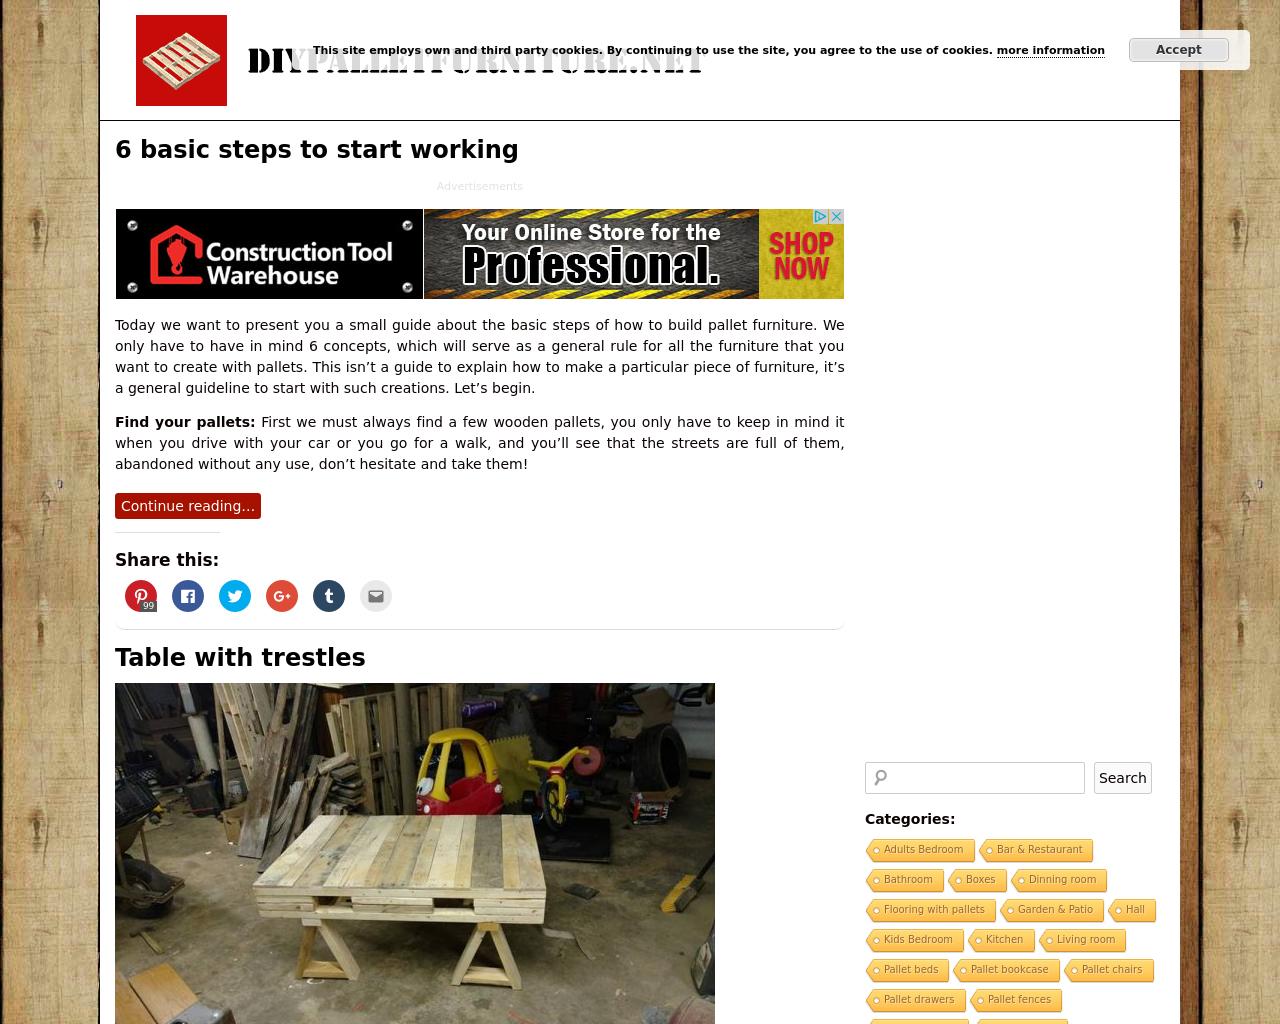 Diy-Pallet-Furniture-Advertising-Reviews-Pricing